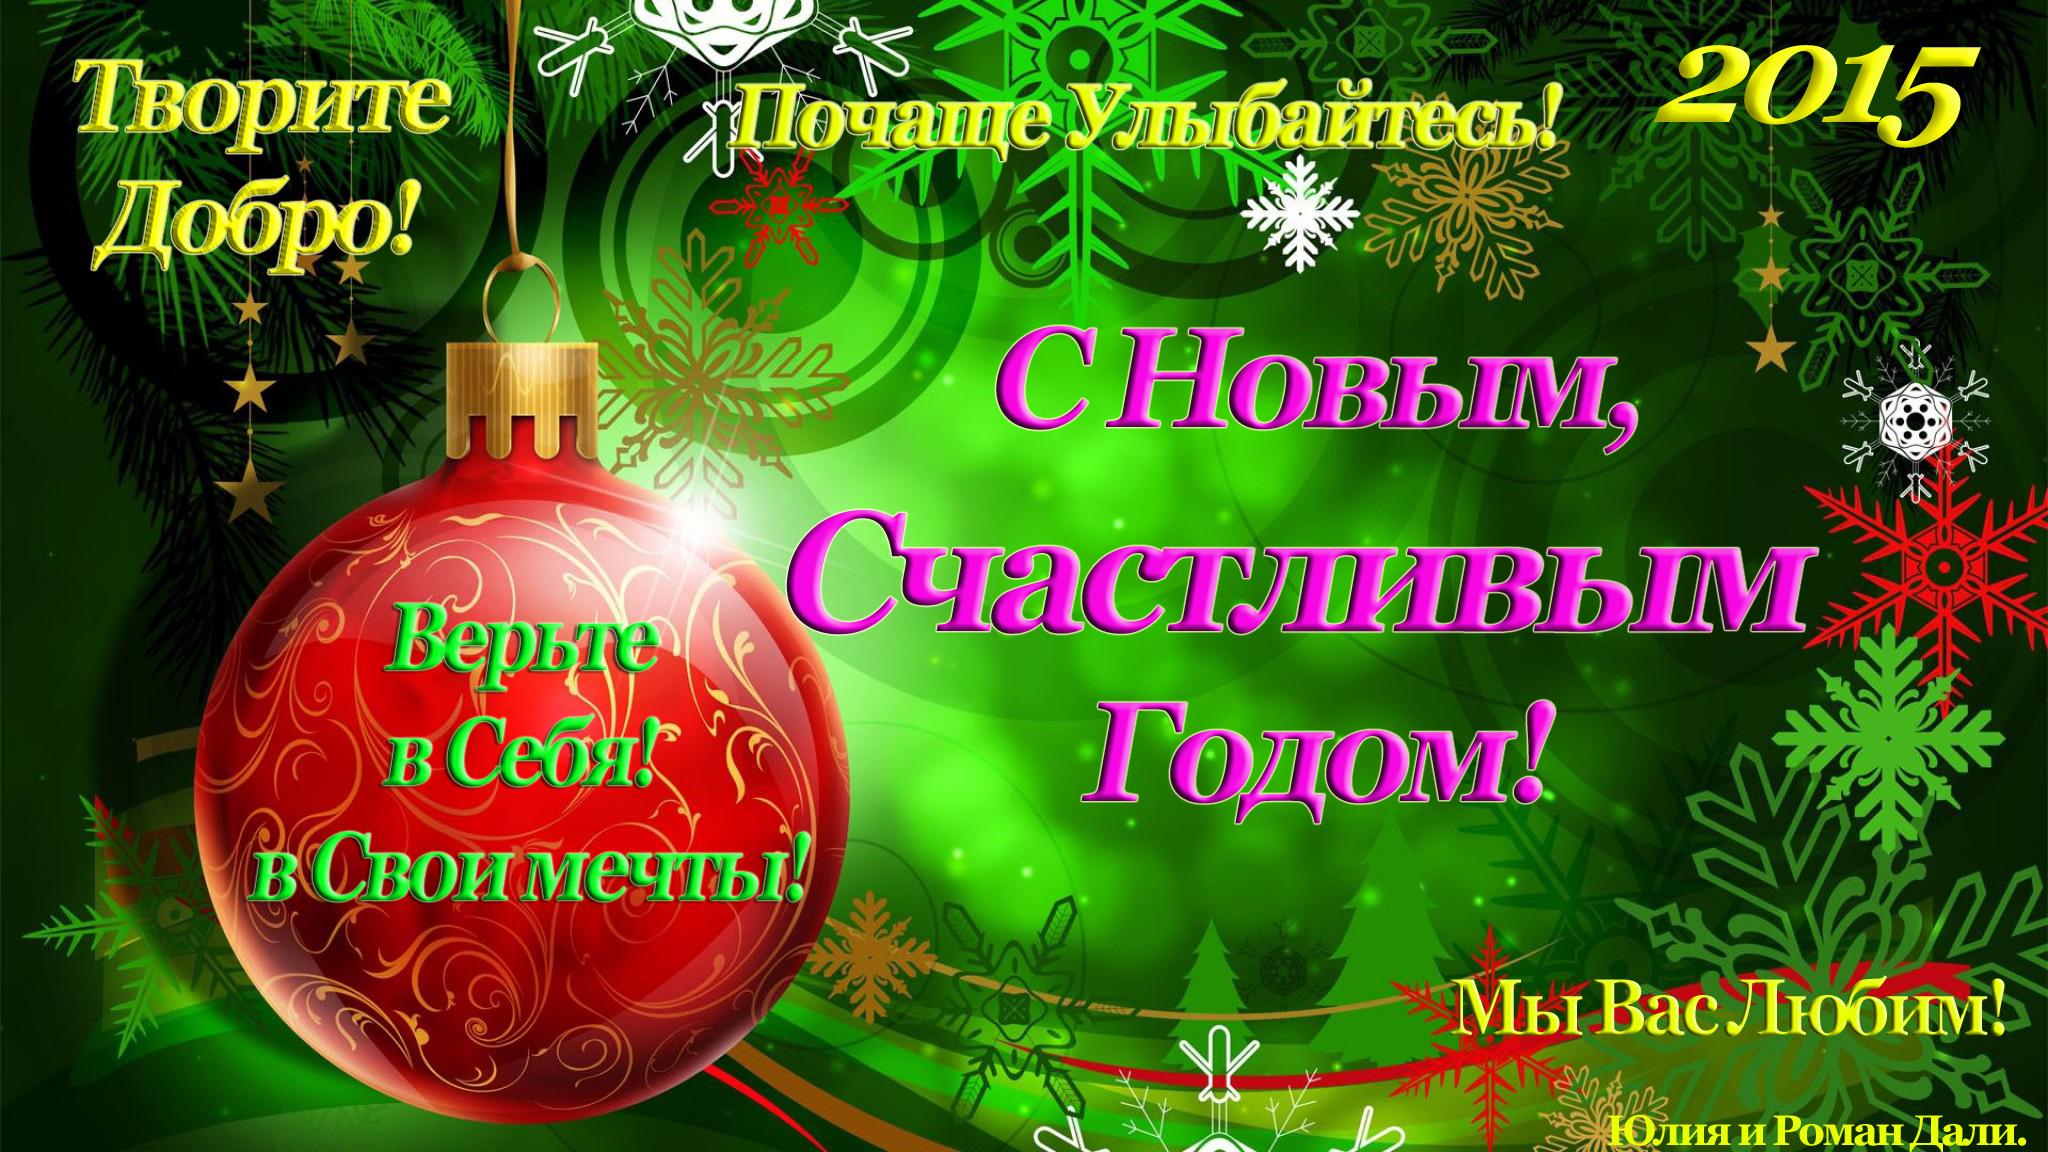 С Новым Счастливым Годом!